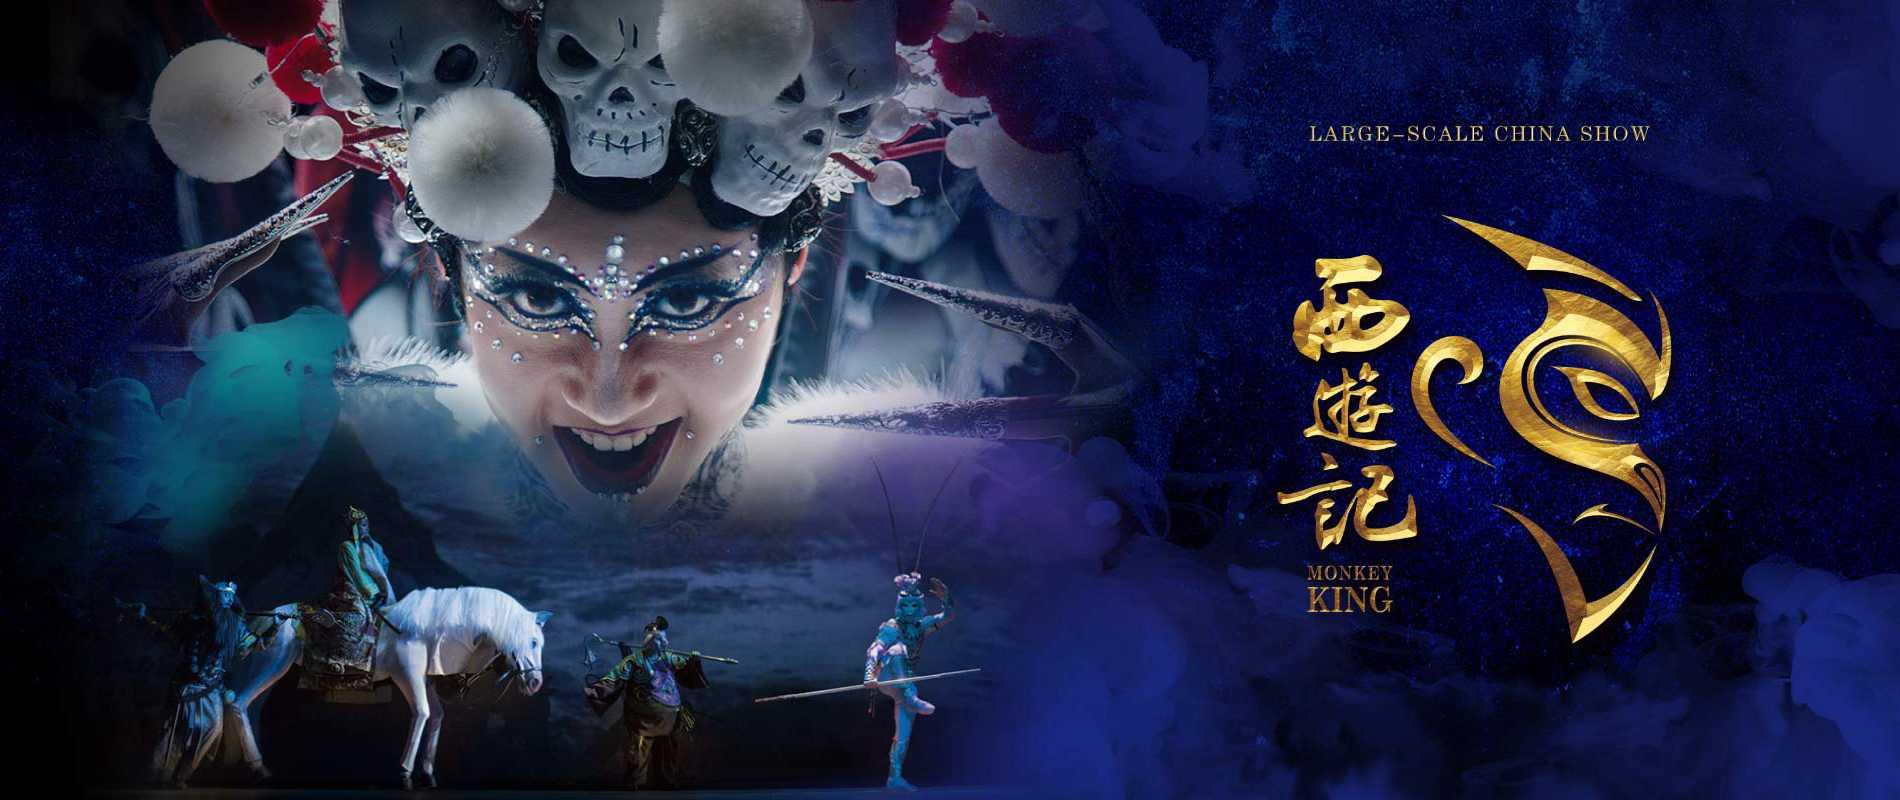 Monkey King - China Show